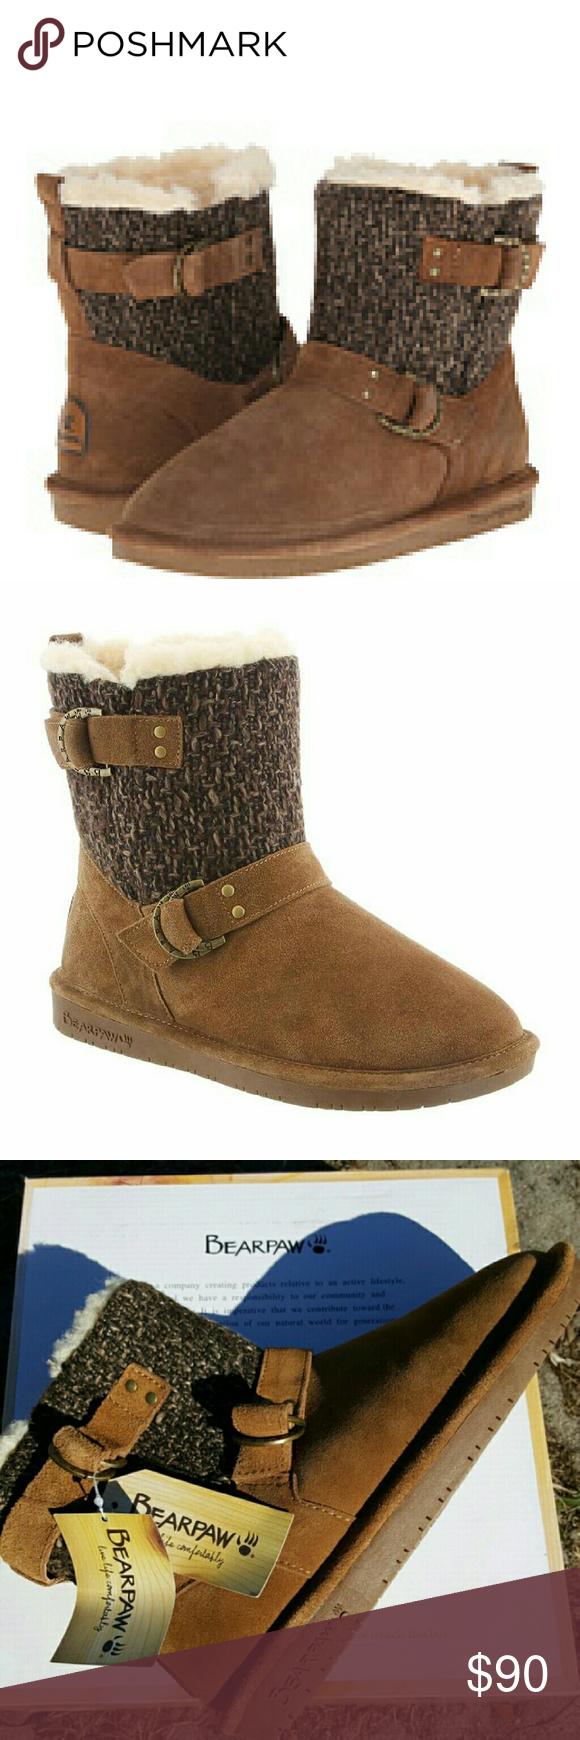 41++ Bear paw boots clearance ideas ideas